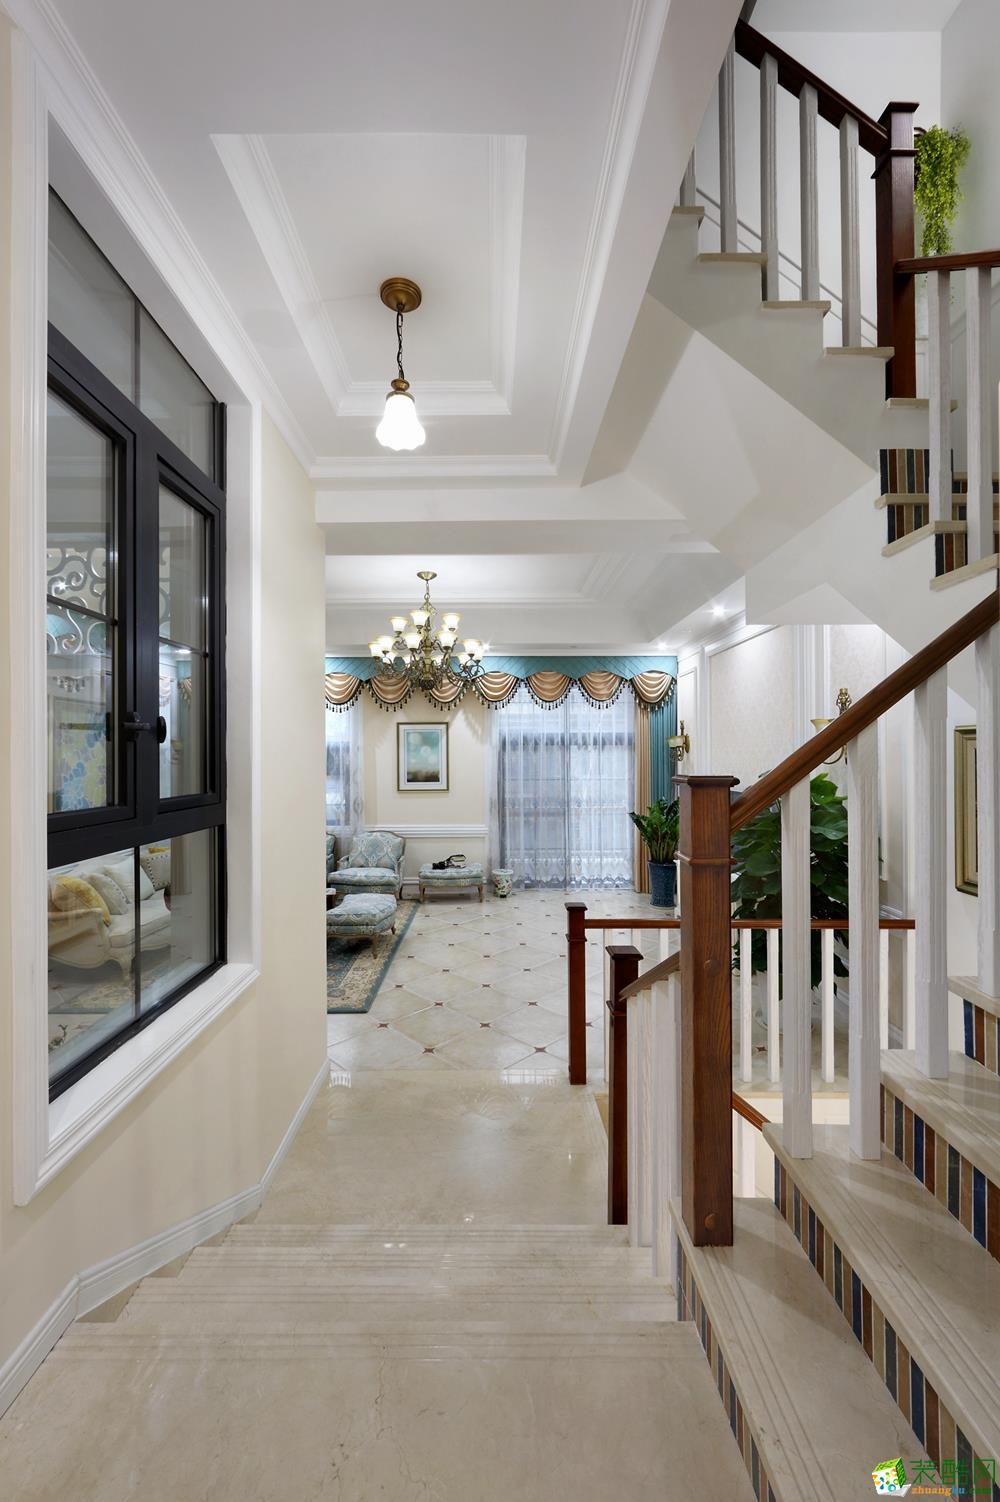 过道装修图,成为客厅与餐厅之间的跃式空间